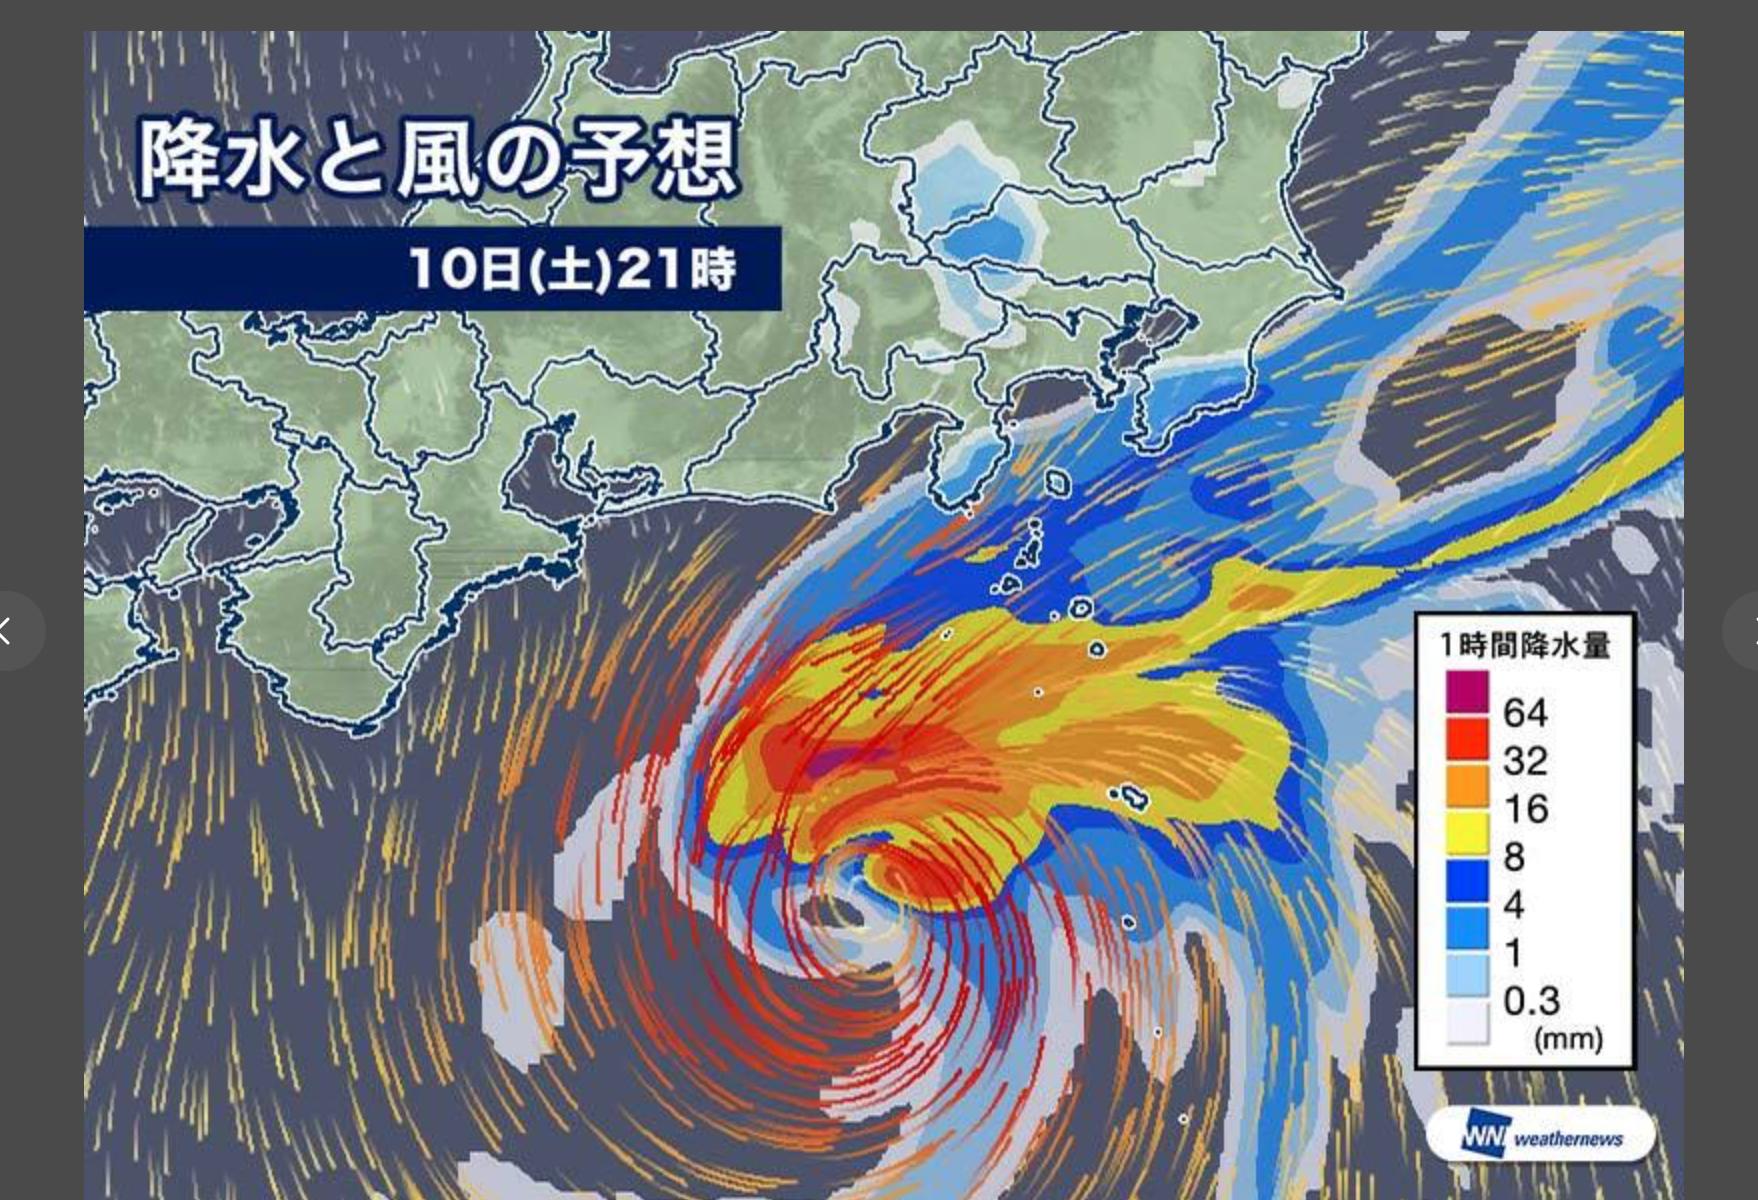 伊豆諸島と房総半島は台風通過に最大限の警戒をーウェザーニューズ